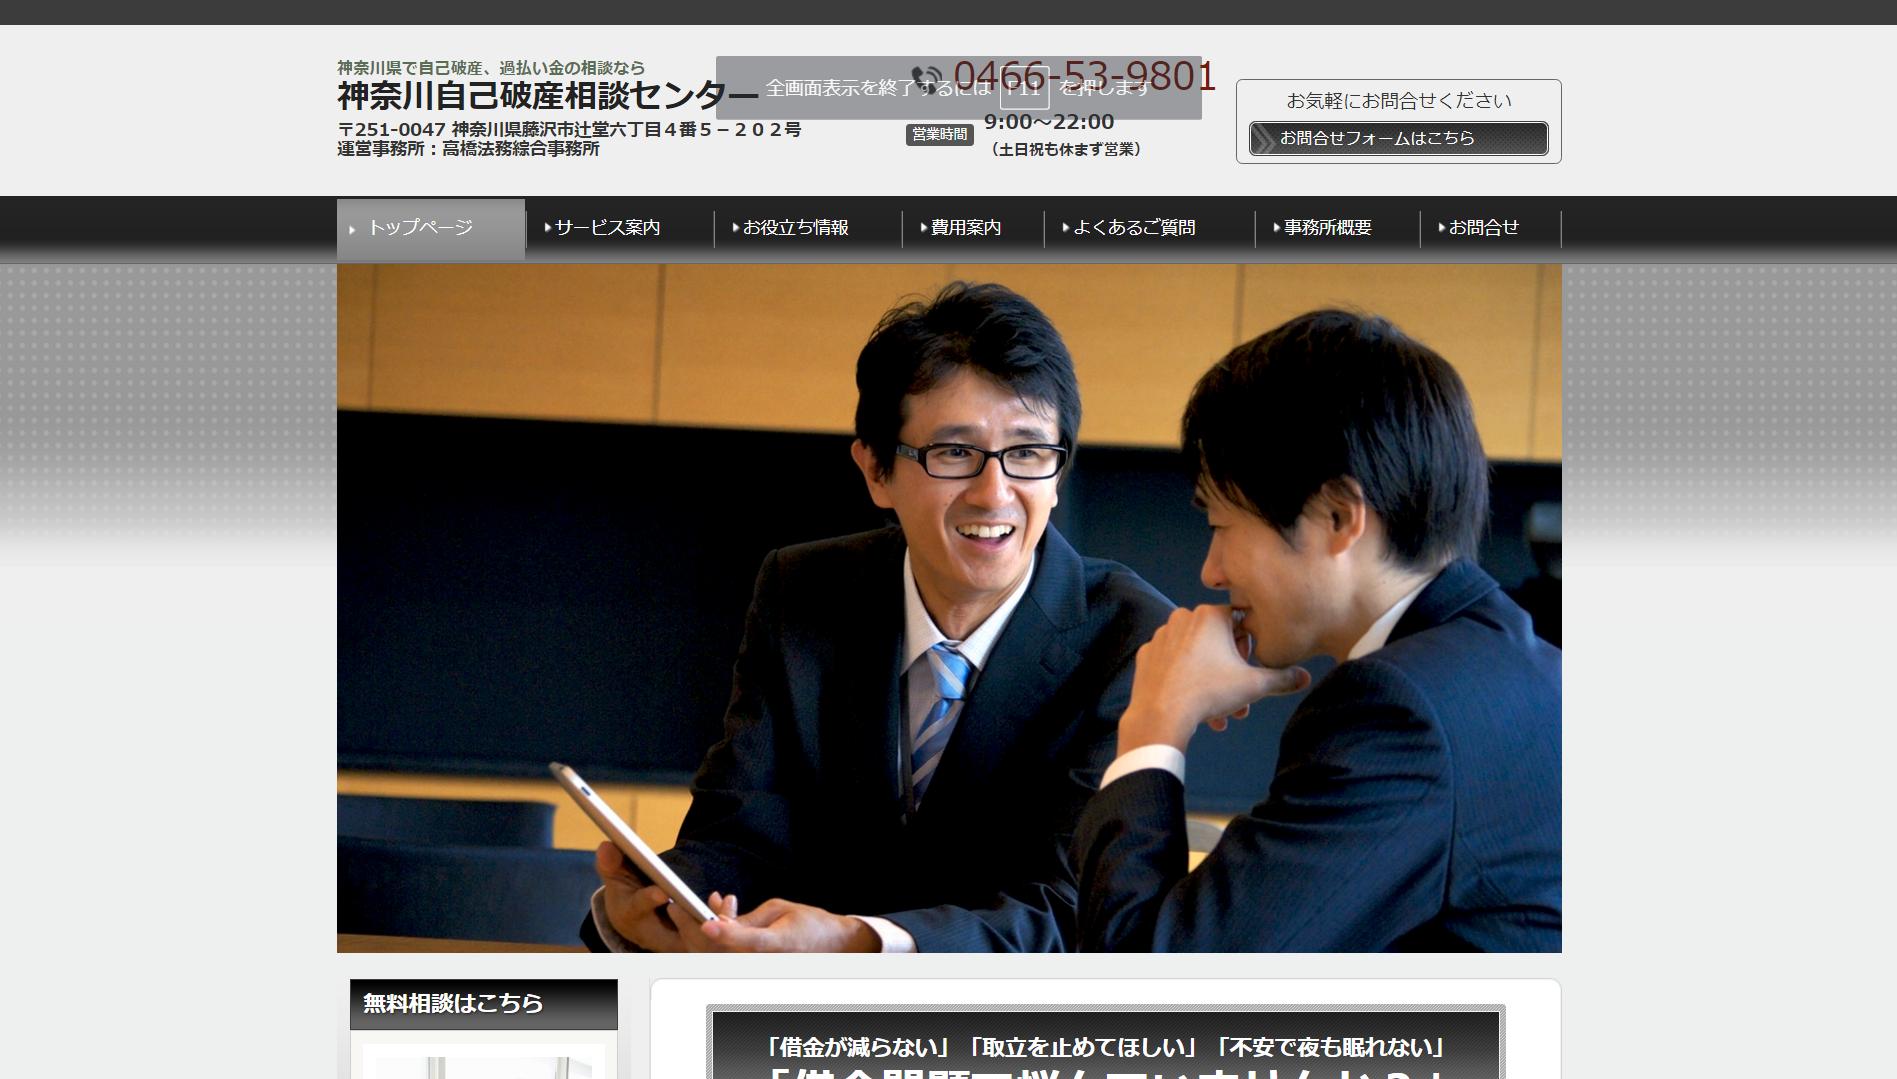 高橋法務綜合事務所(神奈川県藤沢市辻堂)